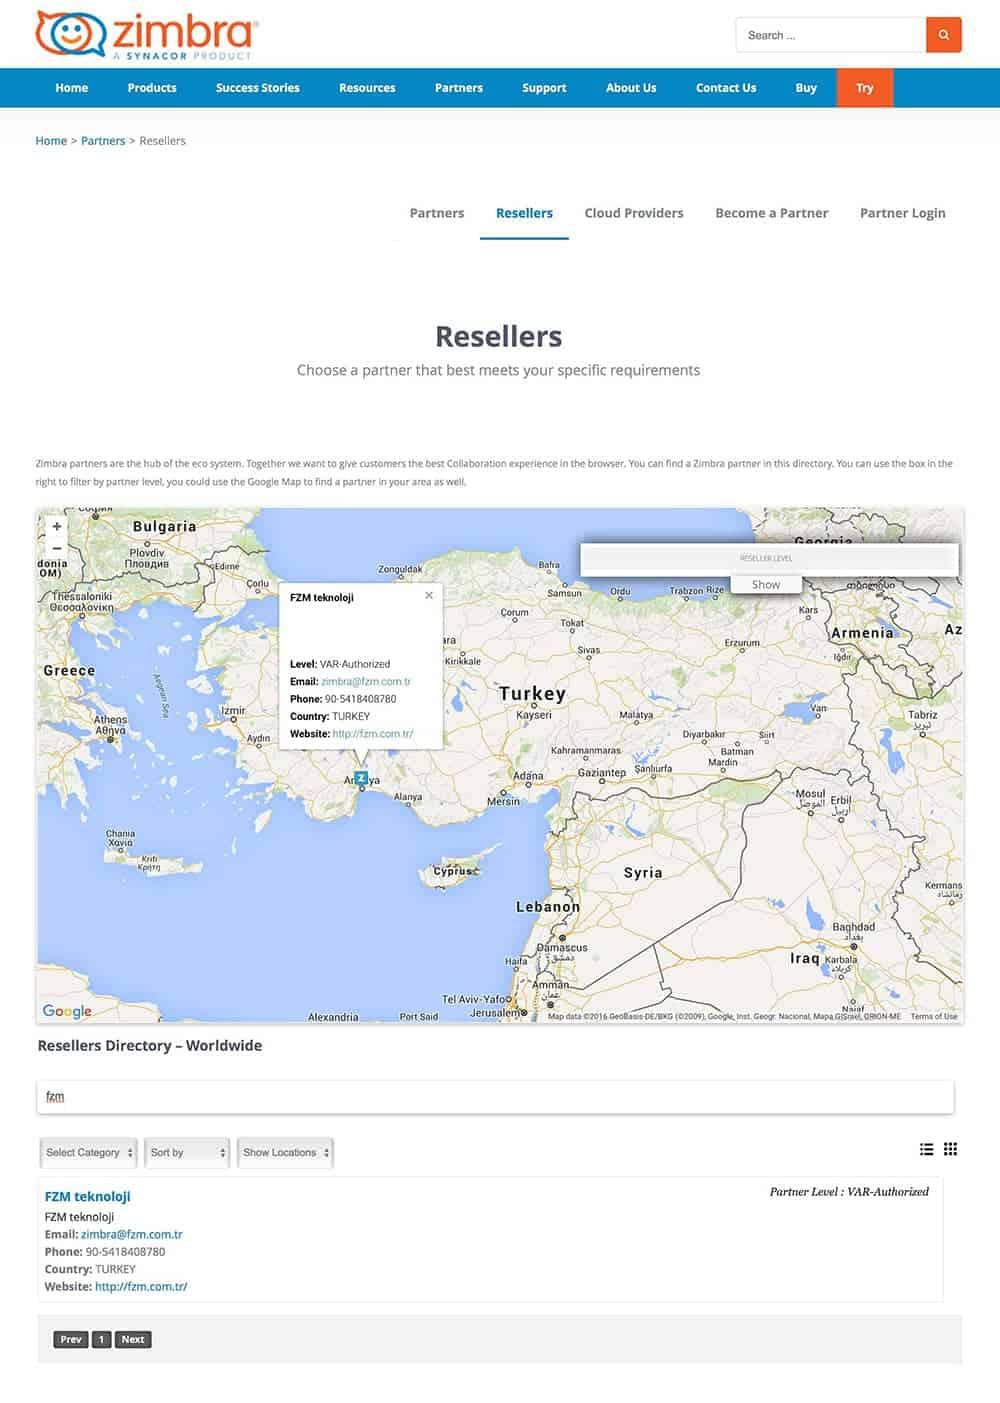 Zimbra Resmi Türkiye Partneriyiz